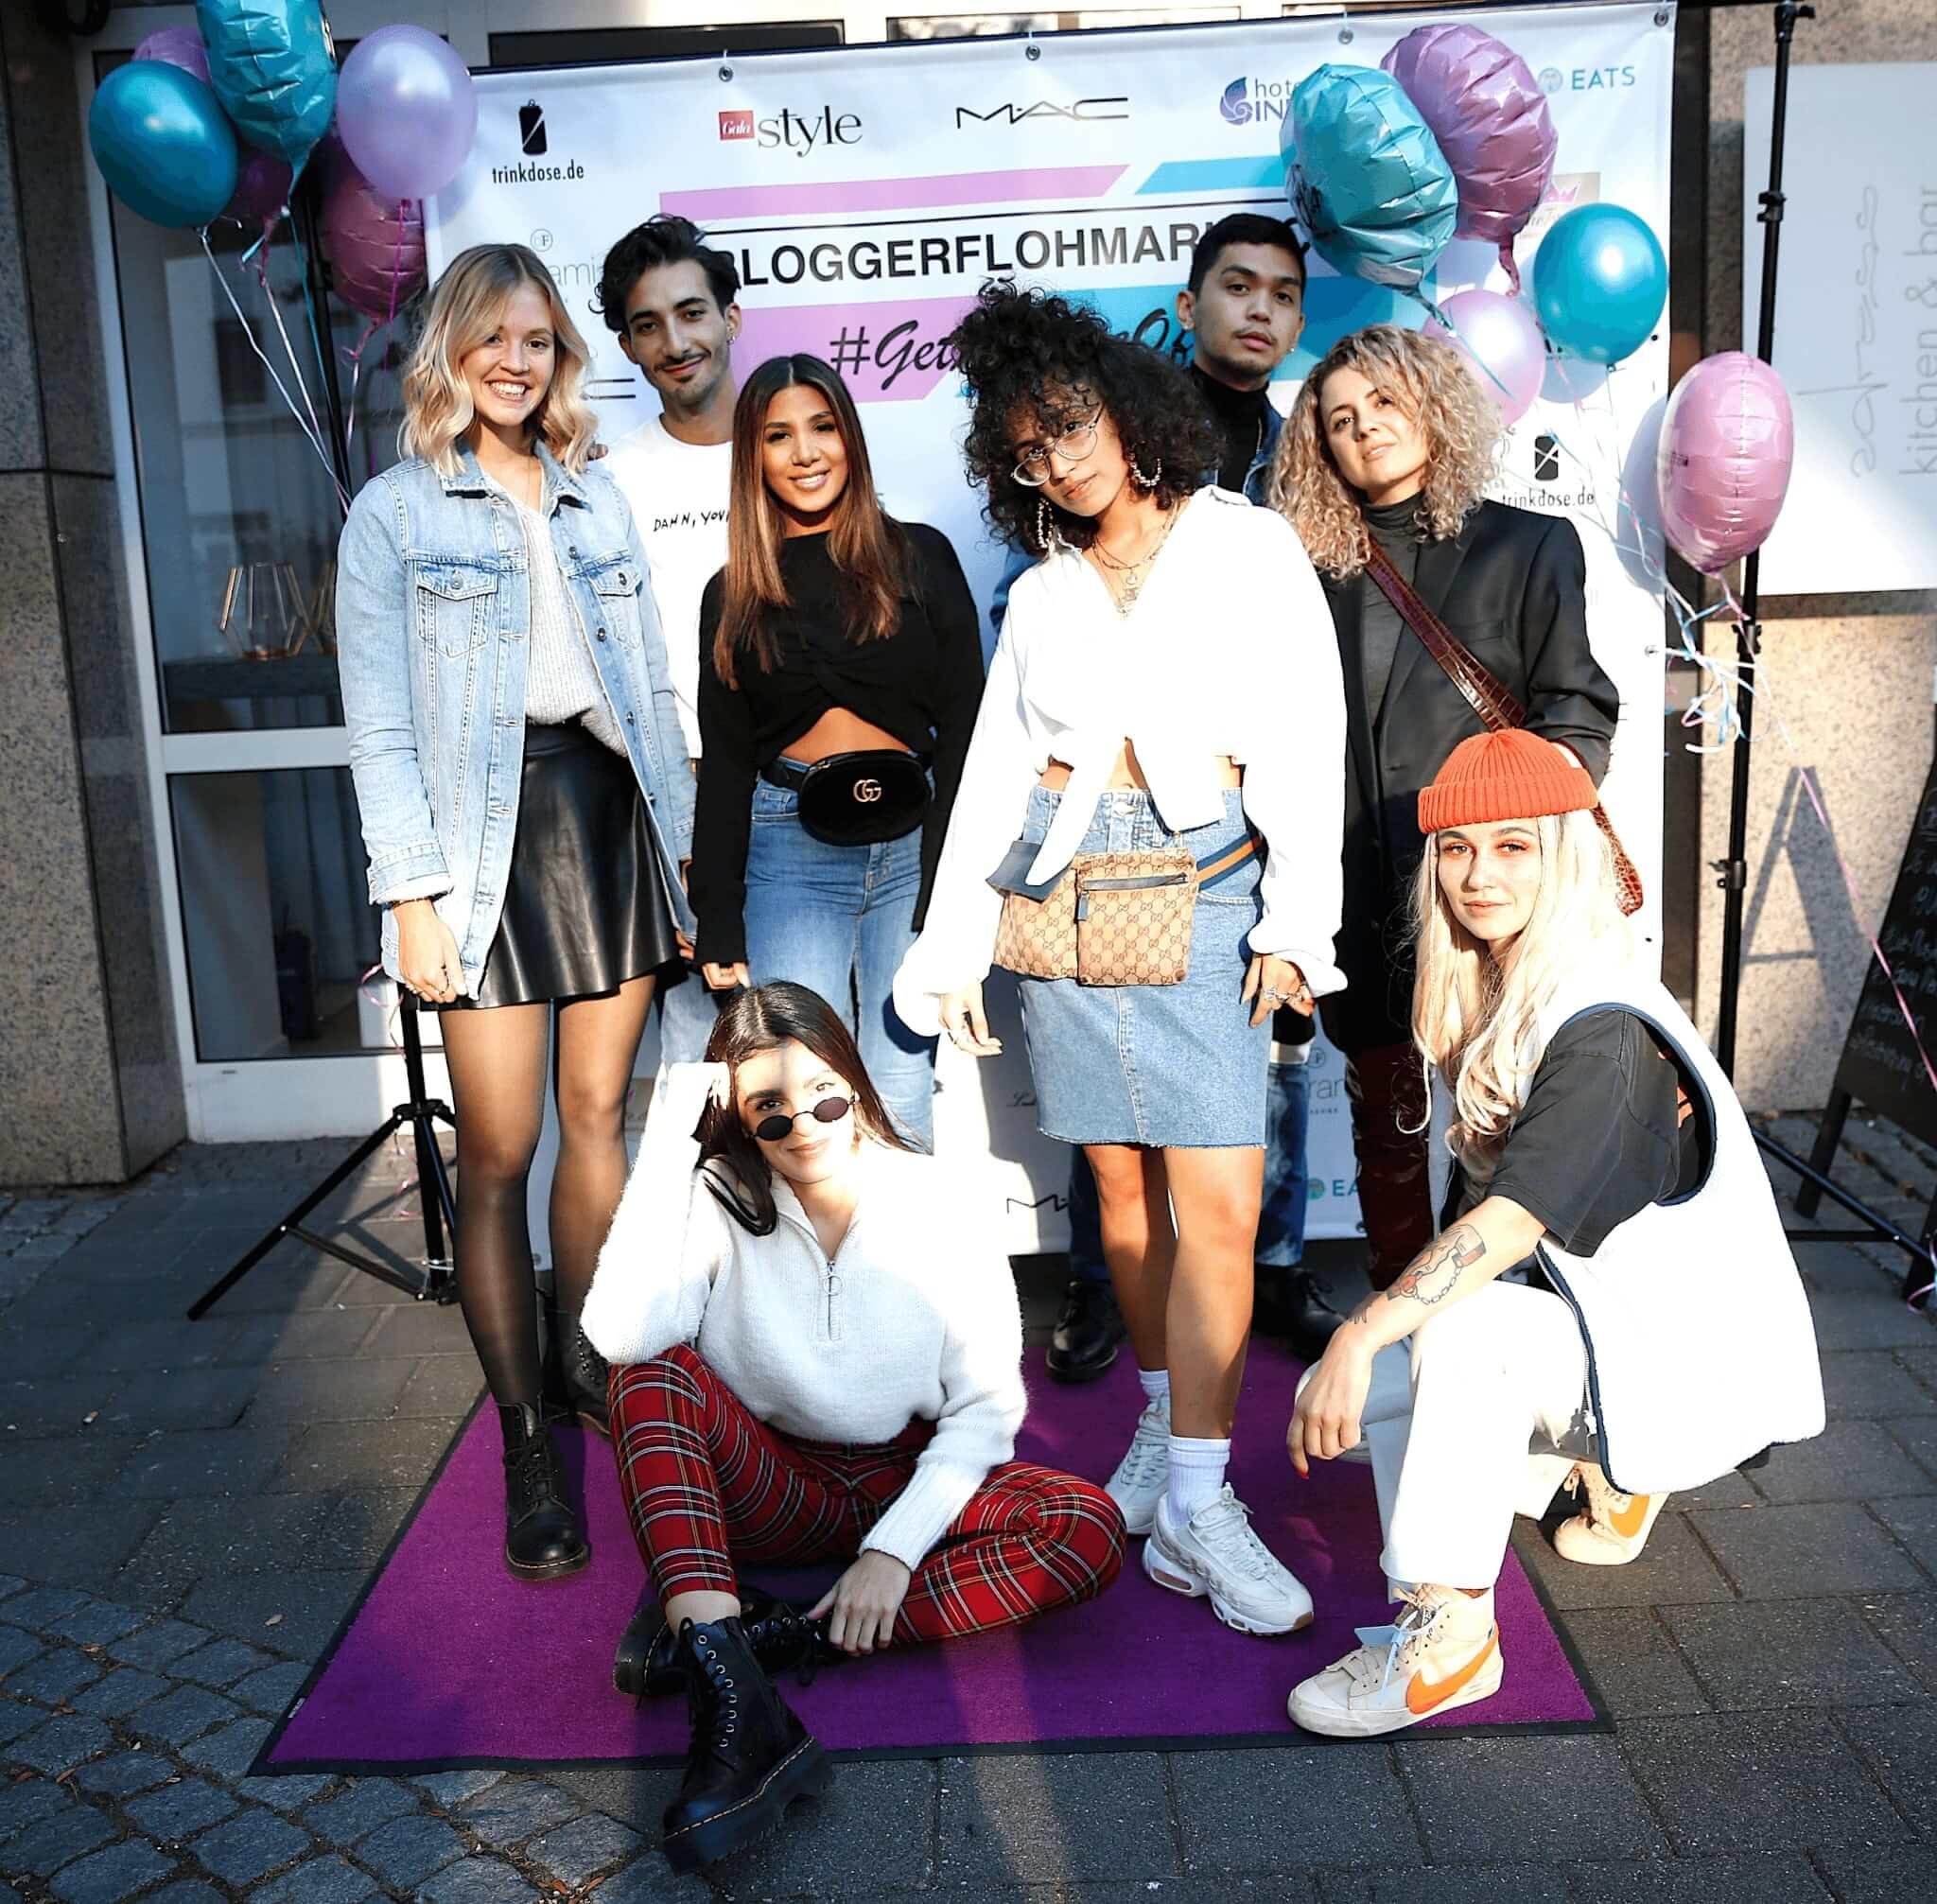 Alle 8 Blogger vor der Fotowand am Hotel Indigo Düsseldorf - Victoriaplatz, bevor der Bloggerflohmarkt begann.